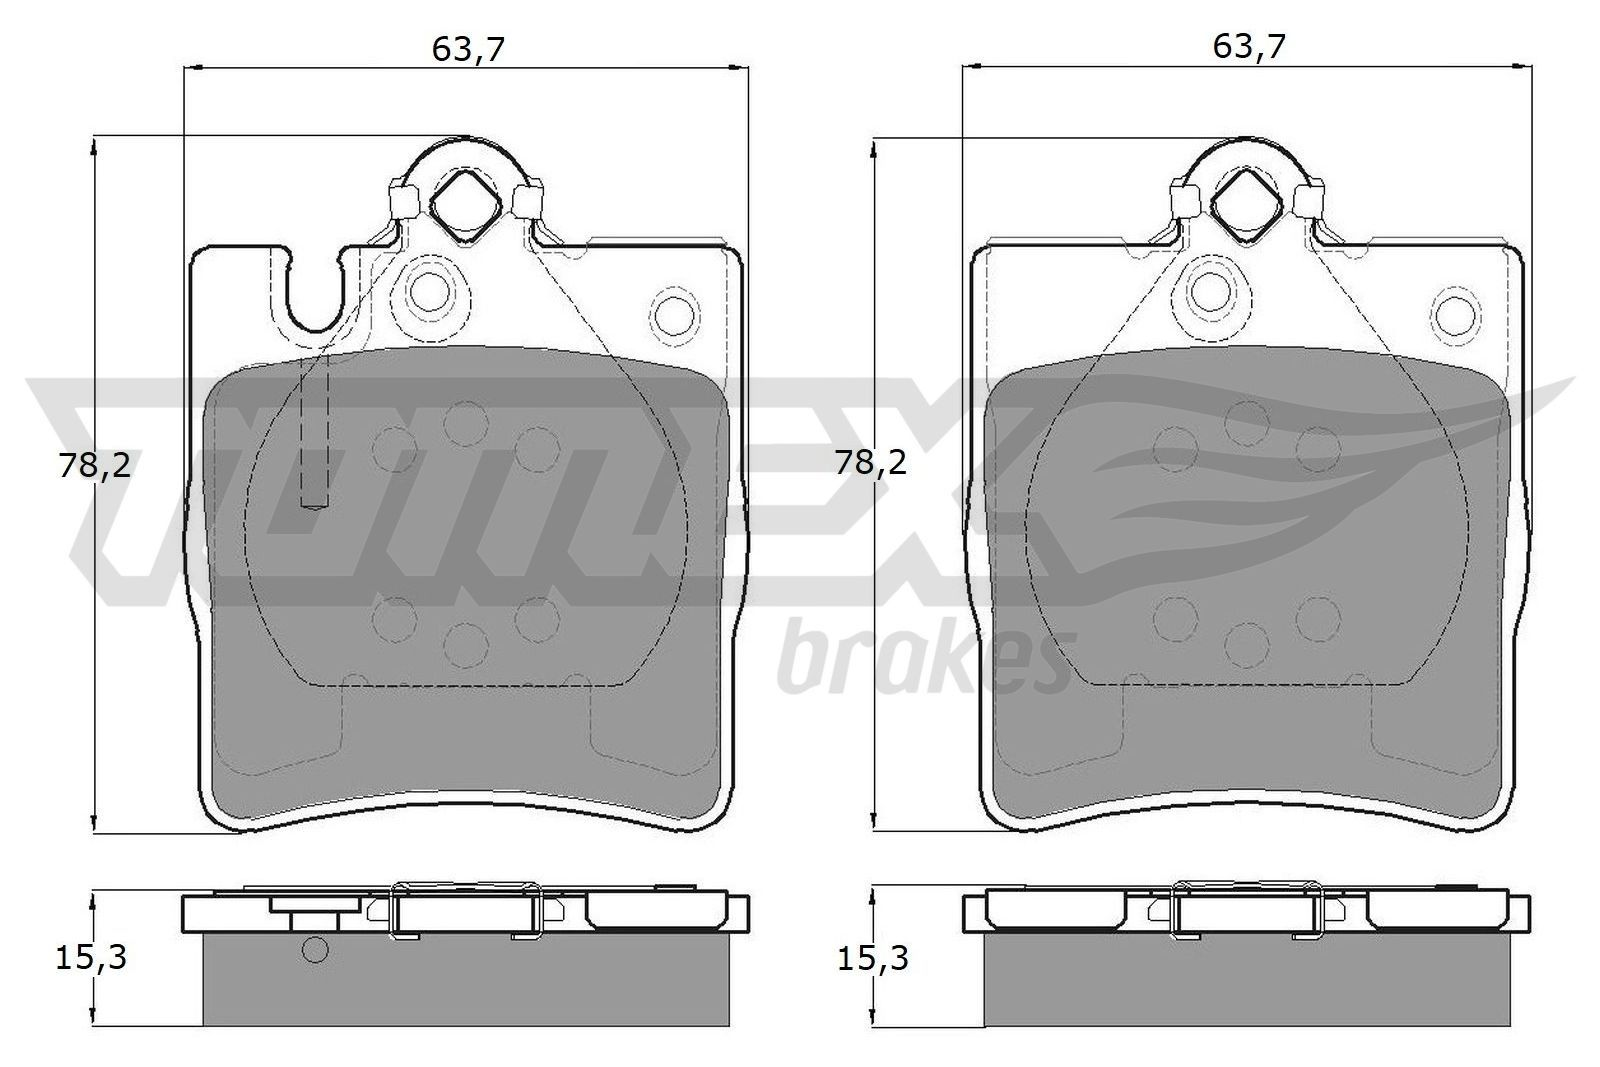 21899 TOMEX brakes Hinterachse, für Verschleißwarnanzeiger vorbereitet Höhe: 78,2mm, Breite: 63,7mm, Dicke/Stärke: 15,3mm Bremsbelagsatz, Scheibenbremse TX 12-79 günstig kaufen